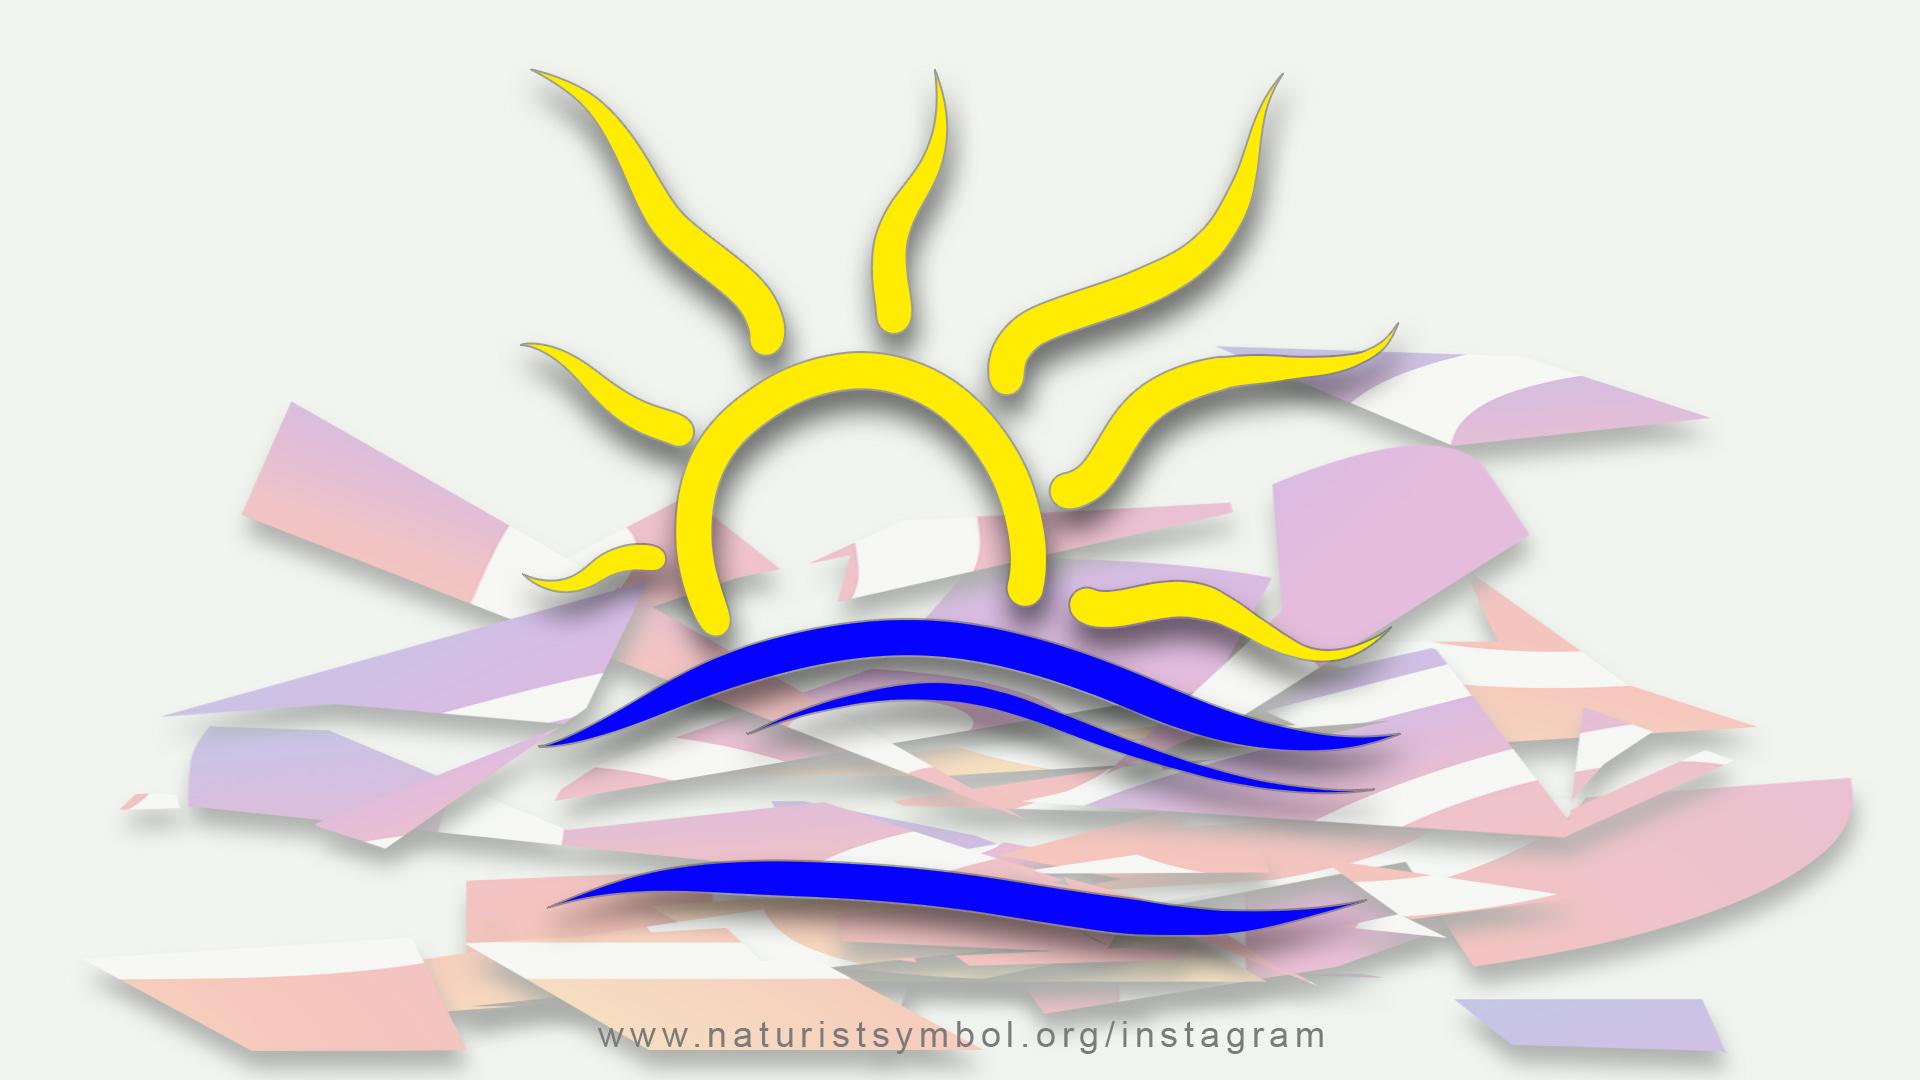 naturist symbol instagram